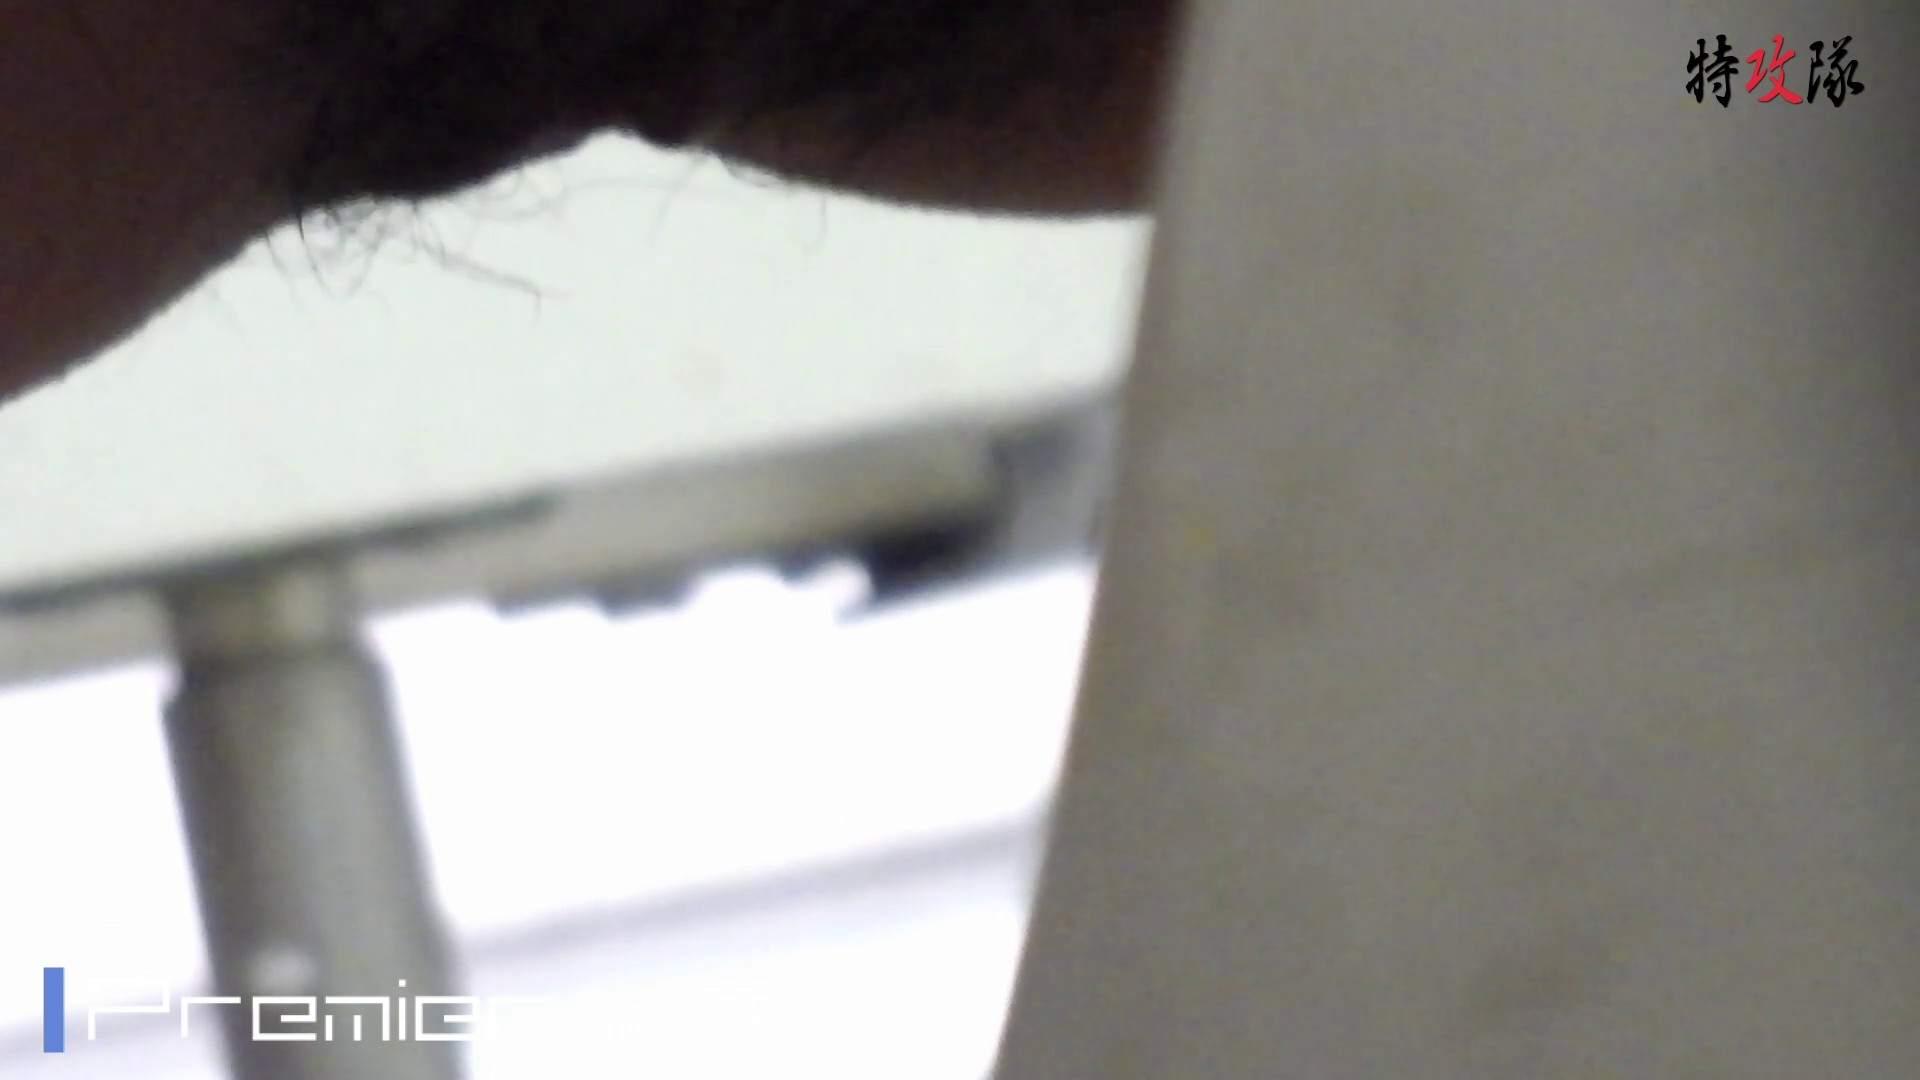 無修正エロ動画|幻 07 彼女の長時間「大」|怪盗ジョーカー